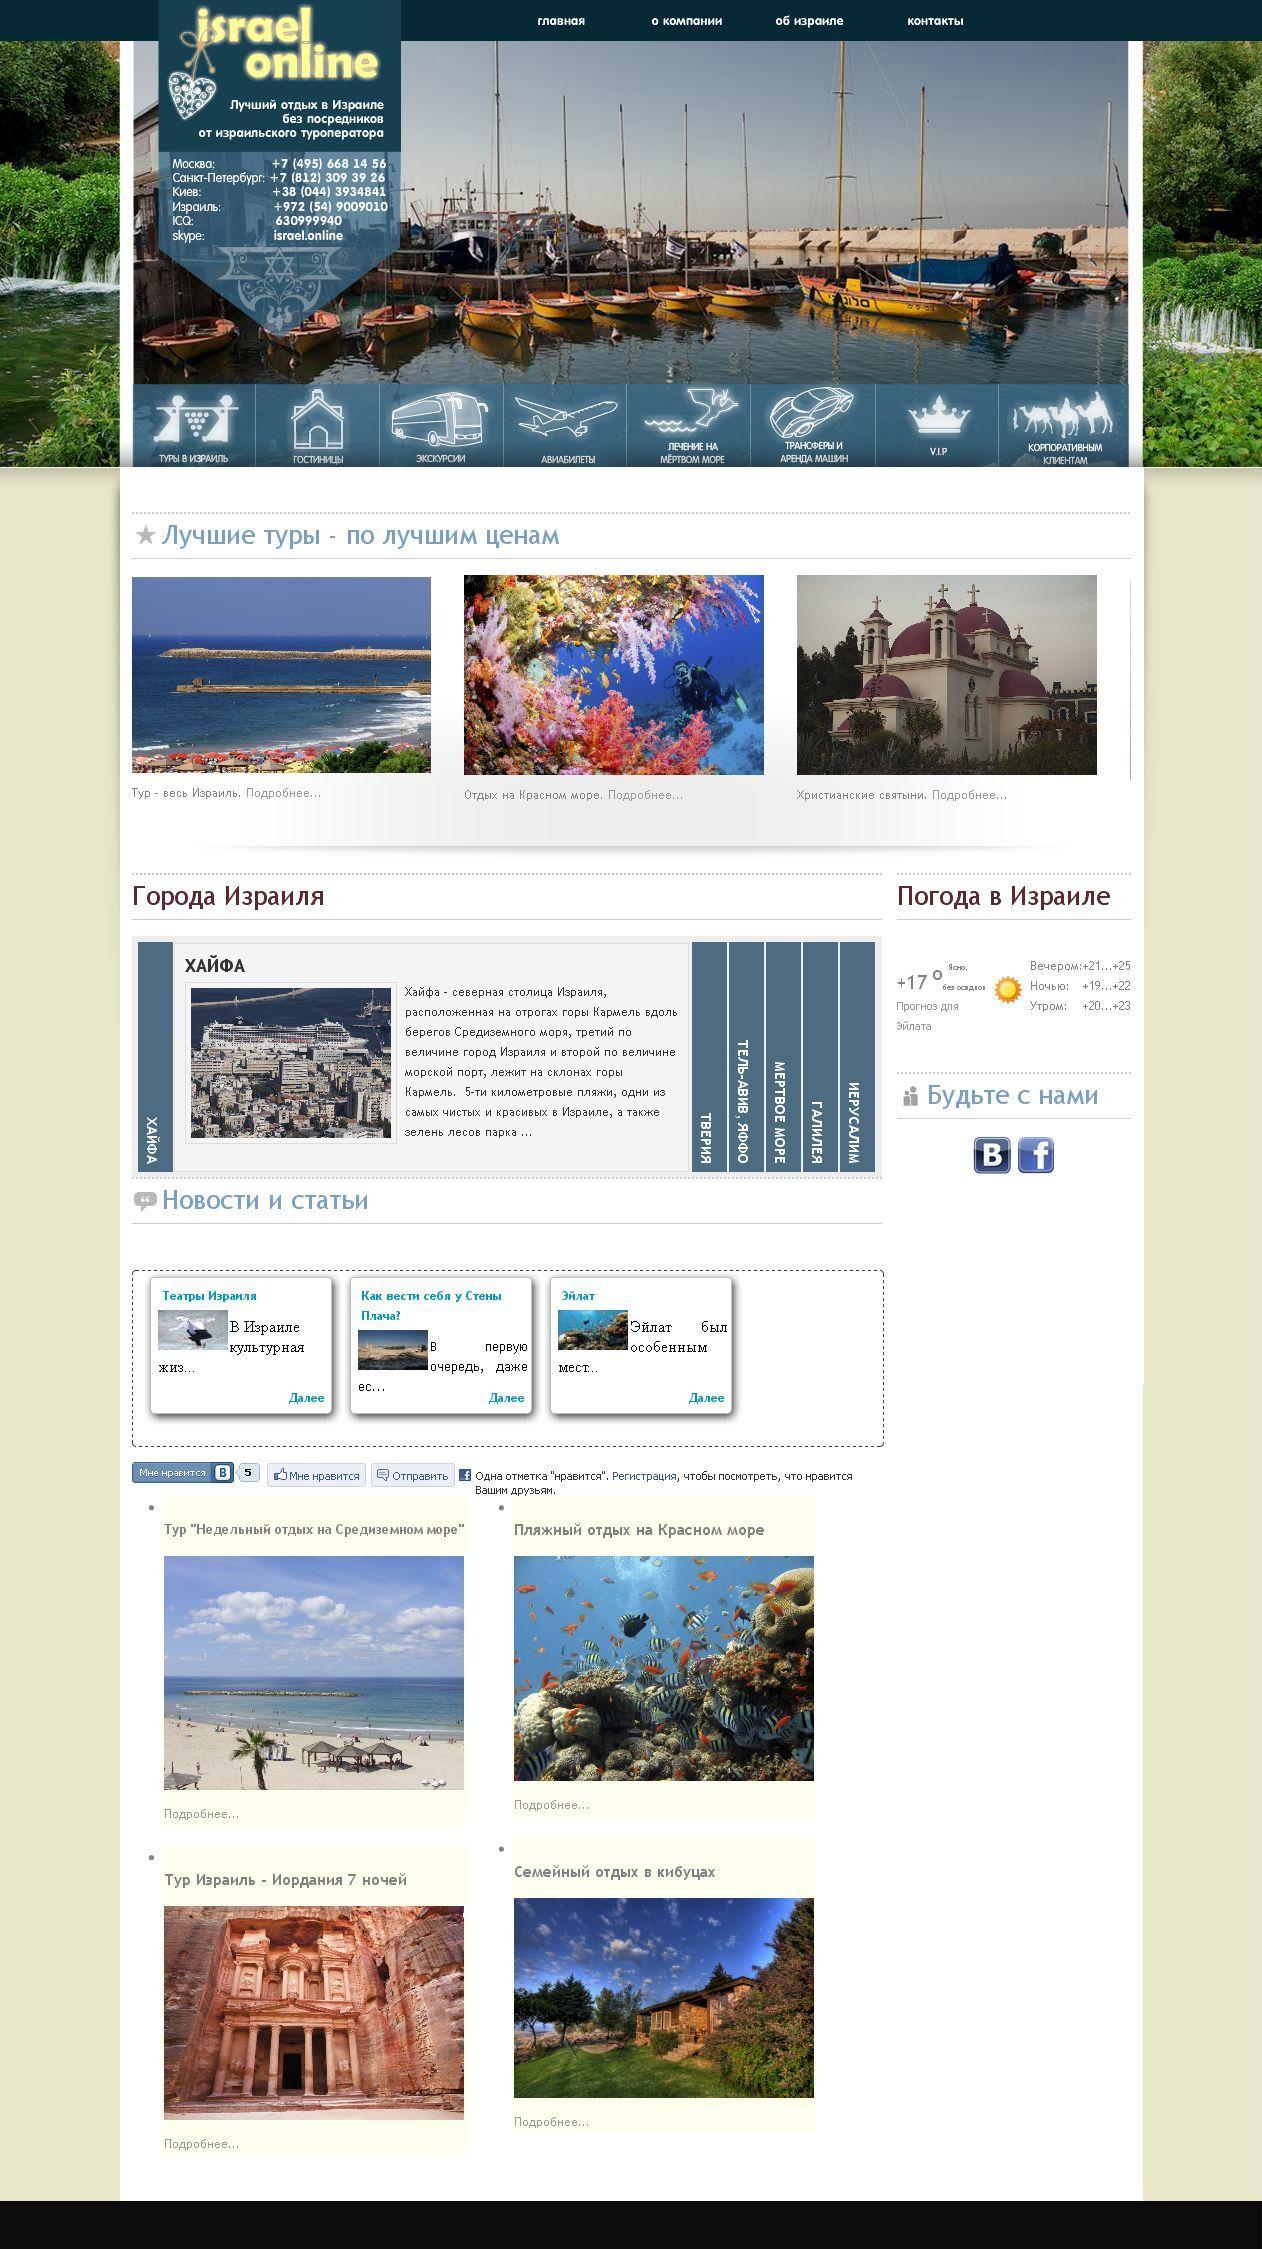 Сайт Израильского туроператора